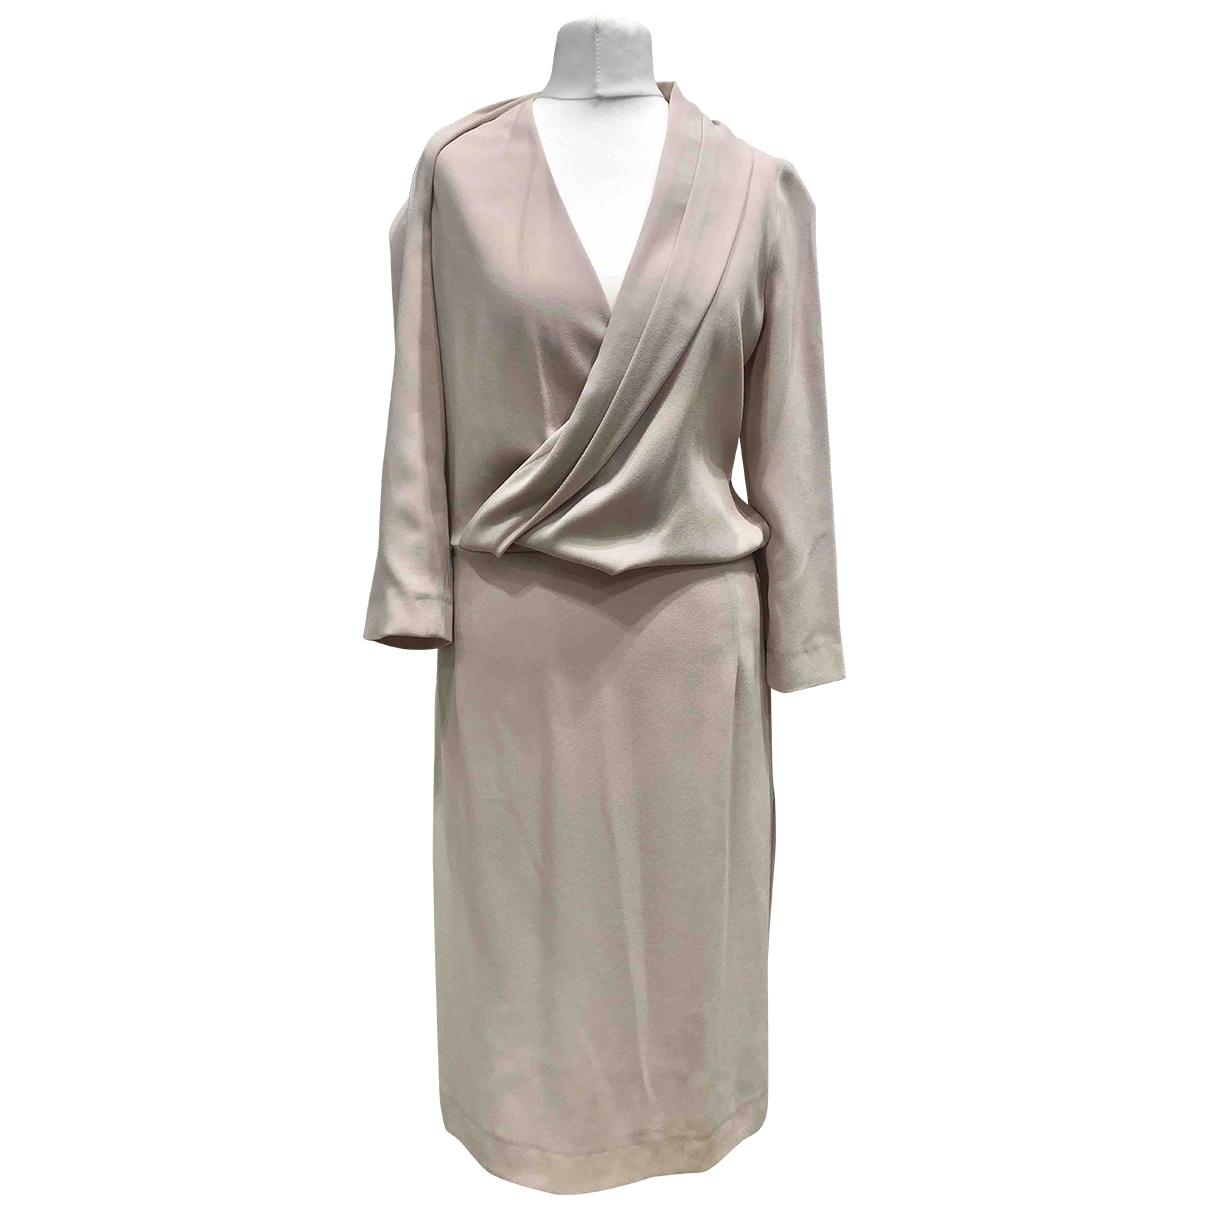 Joseph \N Pink dress for Women 36 FR